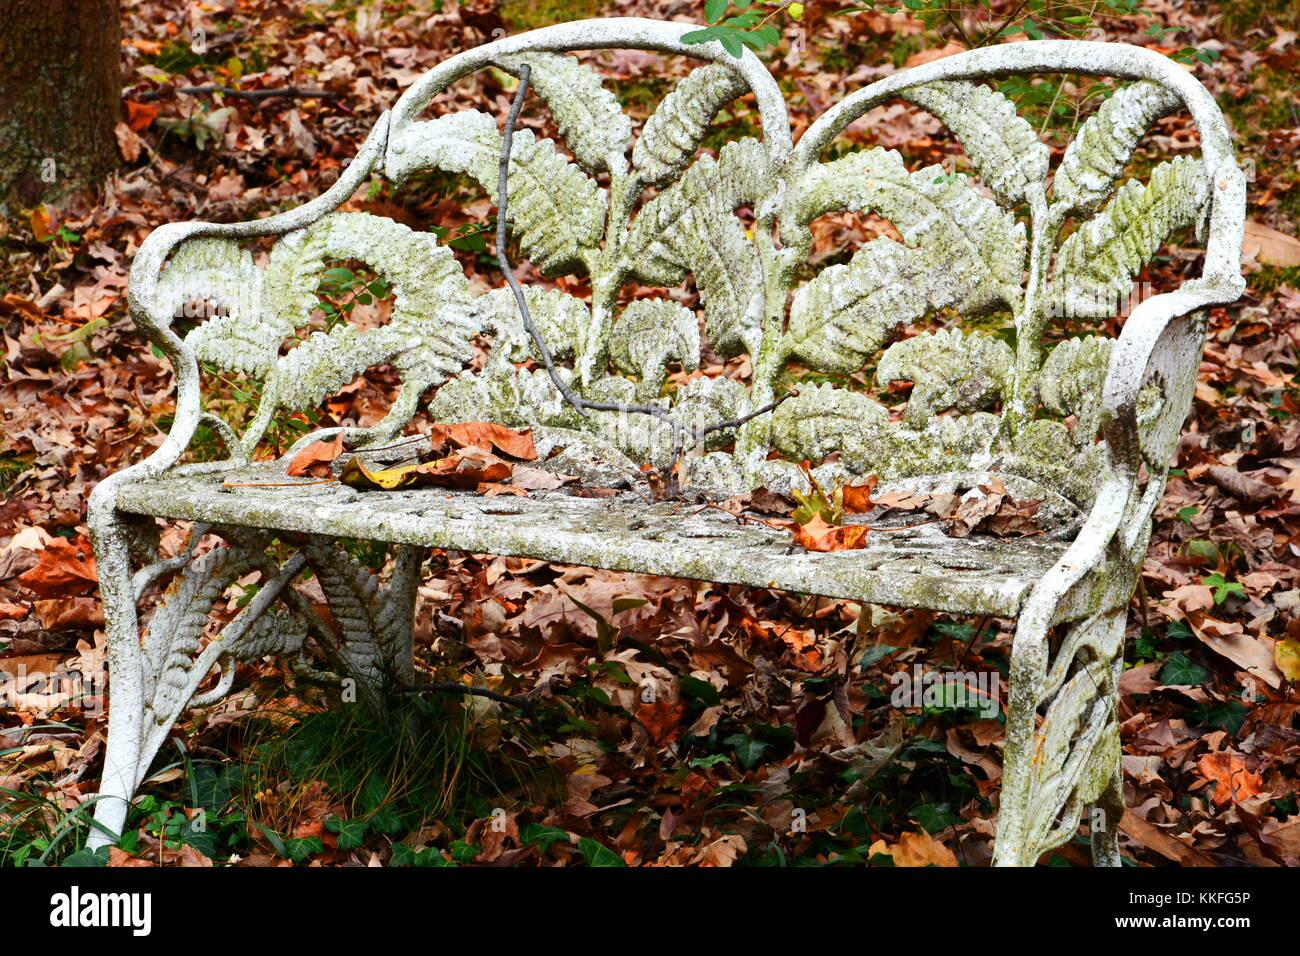 Ein Verwittertes Eisen Bank von einem Teppich der bunten Blätter im Herbst umgeben bietet den perfekten Ort Stockbild